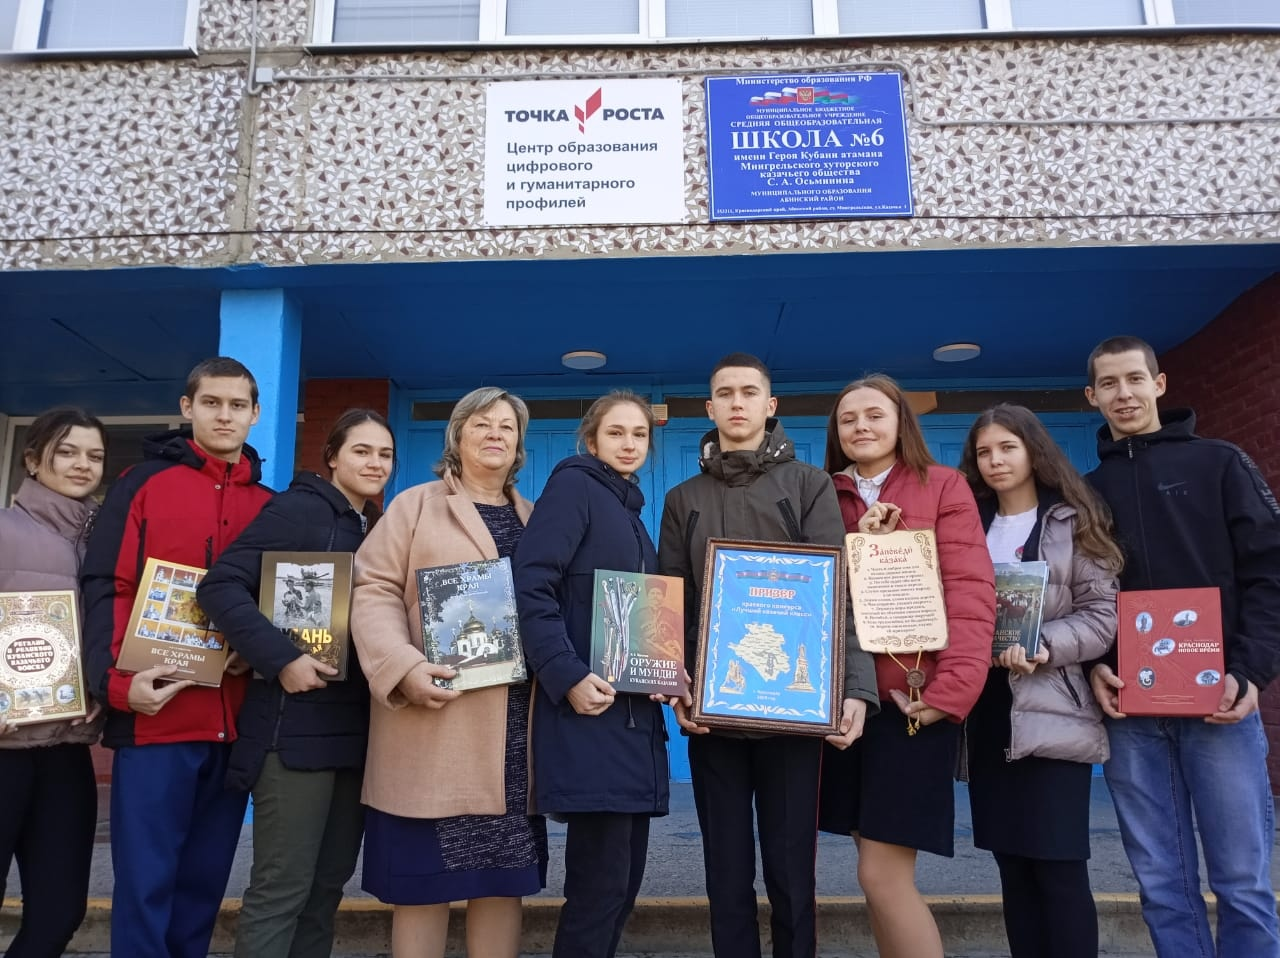 Казачата Абинского района призеры регионального конкурса